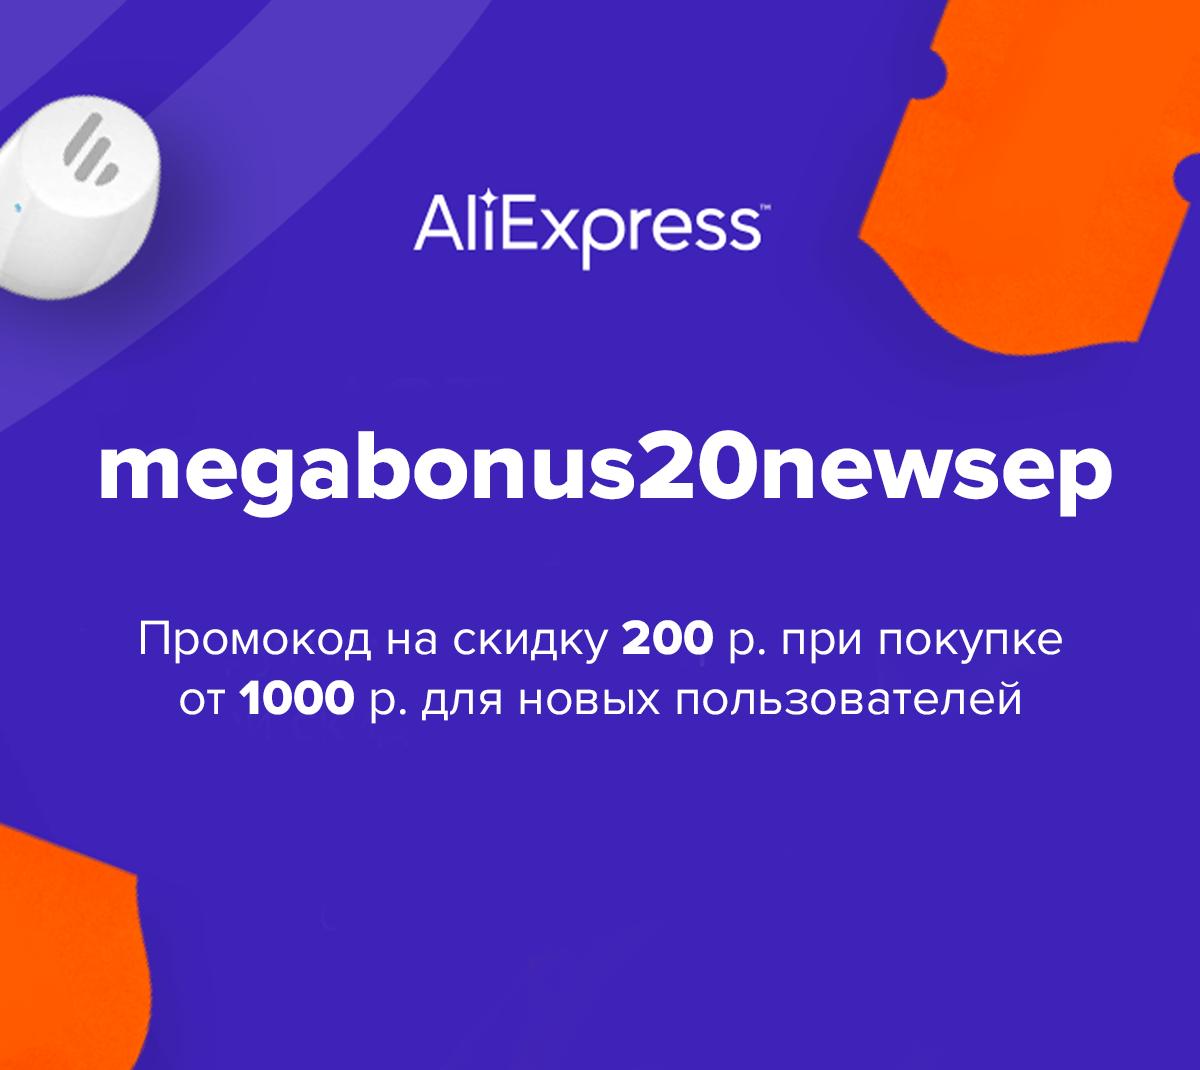 🙀 Промокод только для новых пользователей AliExpress!  megabonus20newsep — скидка 200 р. при покупке от 1000 р. 🔥  Успей его активировать до 30 сентября и сэкономь по-максимуму: https://t.co/p9i4i60GzV https://t.co/47U0KluhwZ